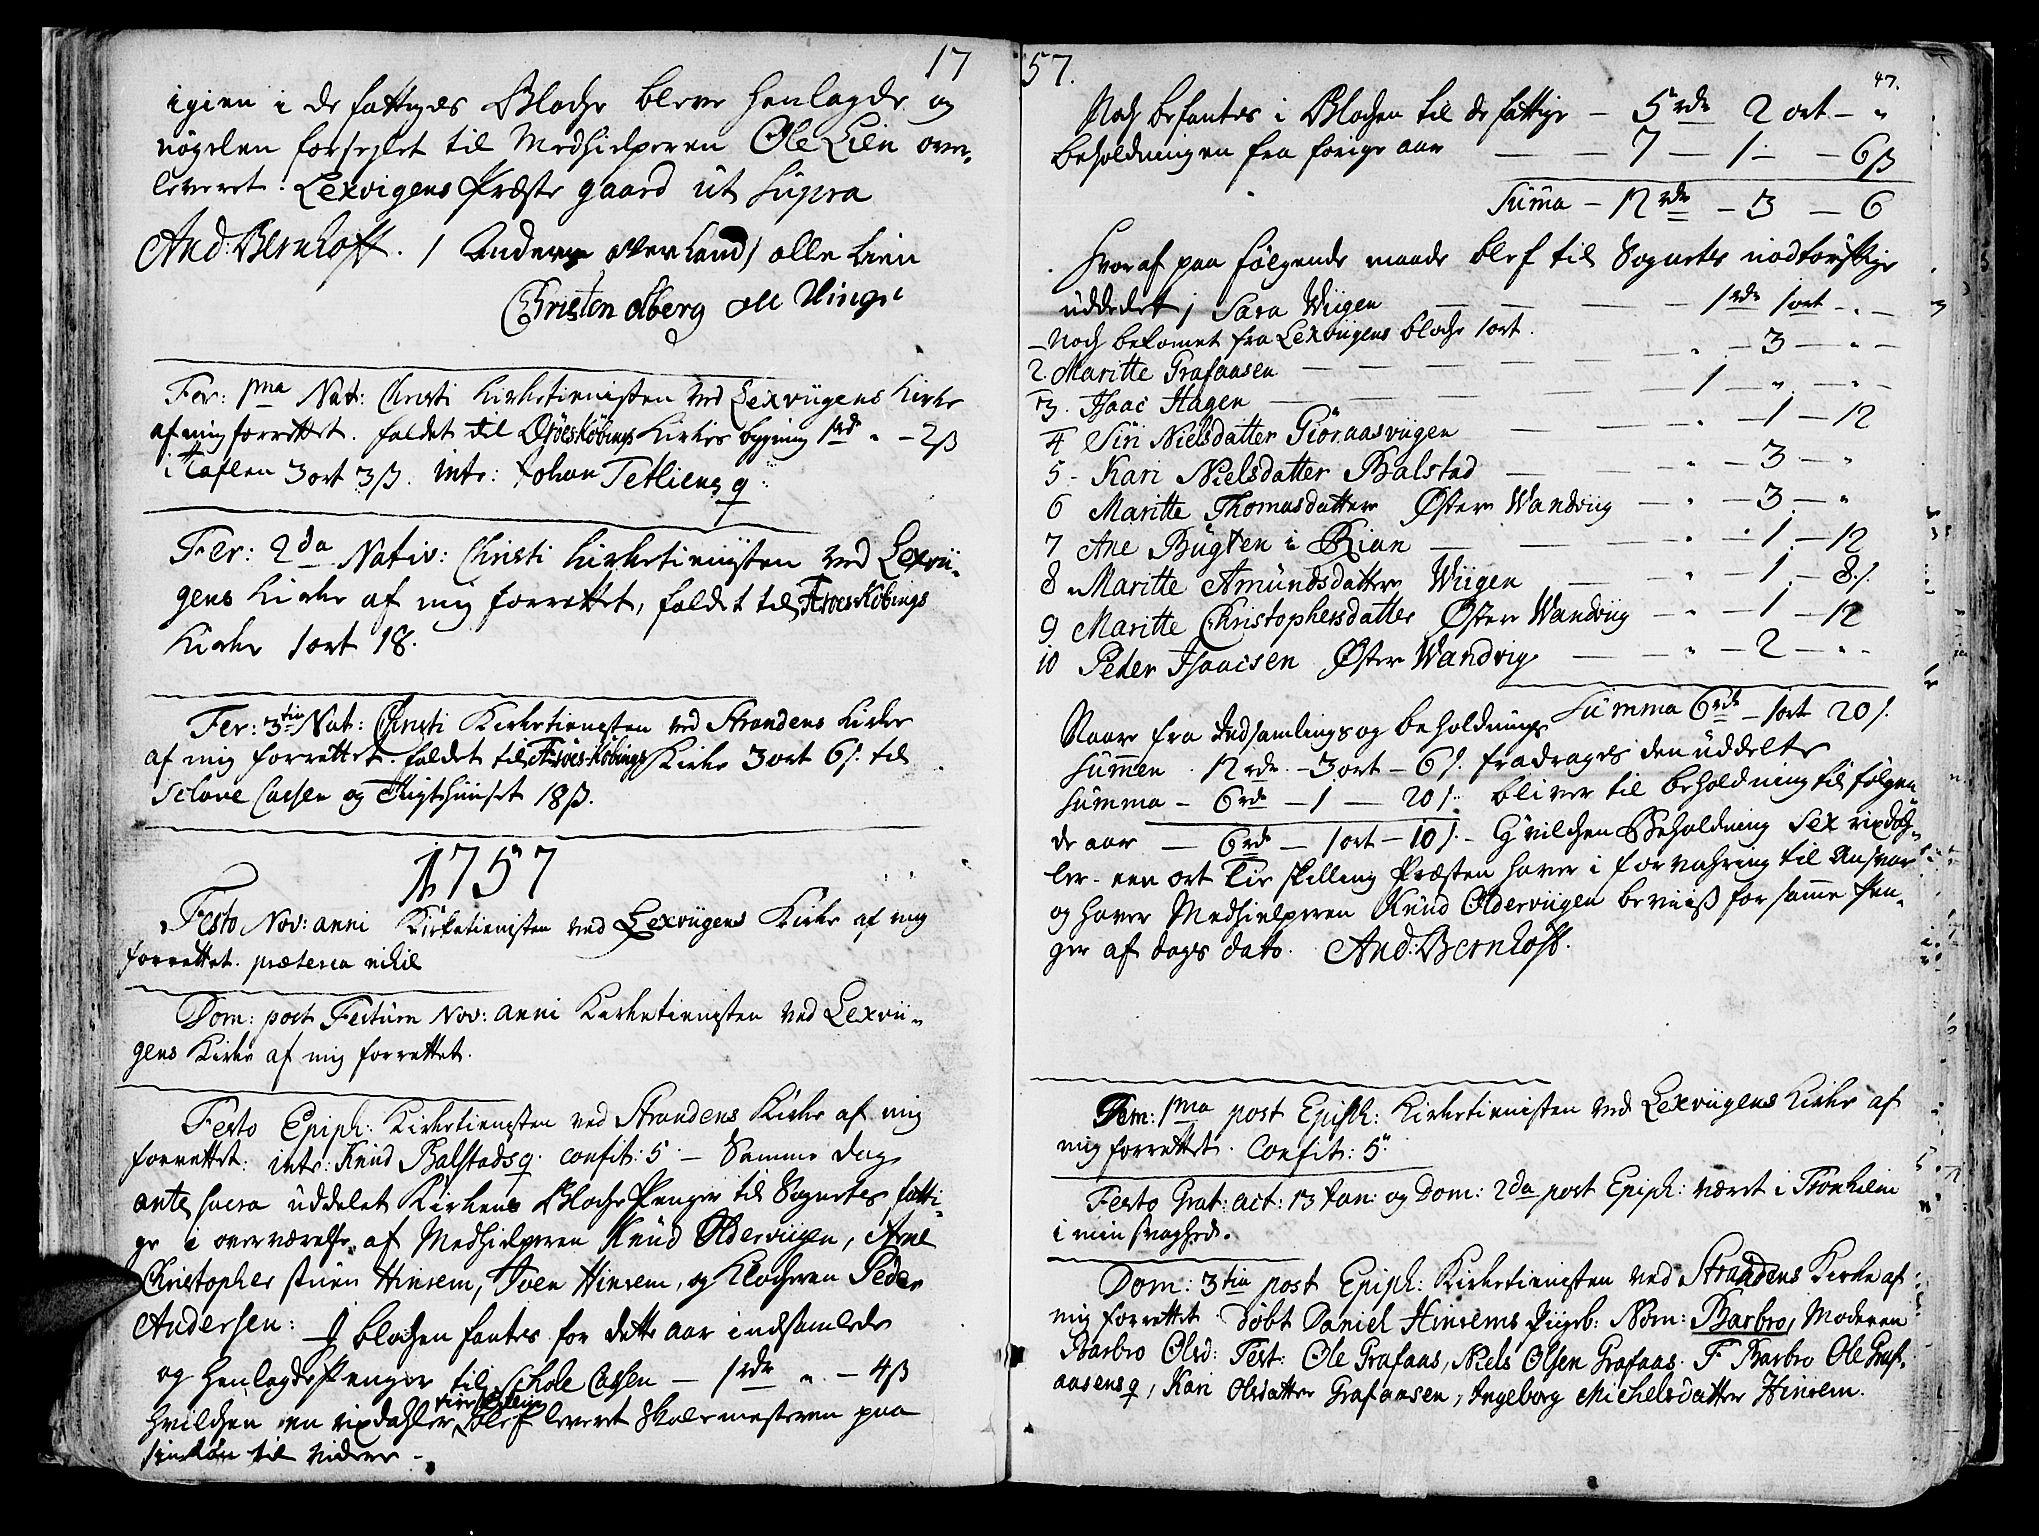 SAT, Ministerialprotokoller, klokkerbøker og fødselsregistre - Nord-Trøndelag, 701/L0003: Ministerialbok nr. 701A03, 1751-1783, s. 47